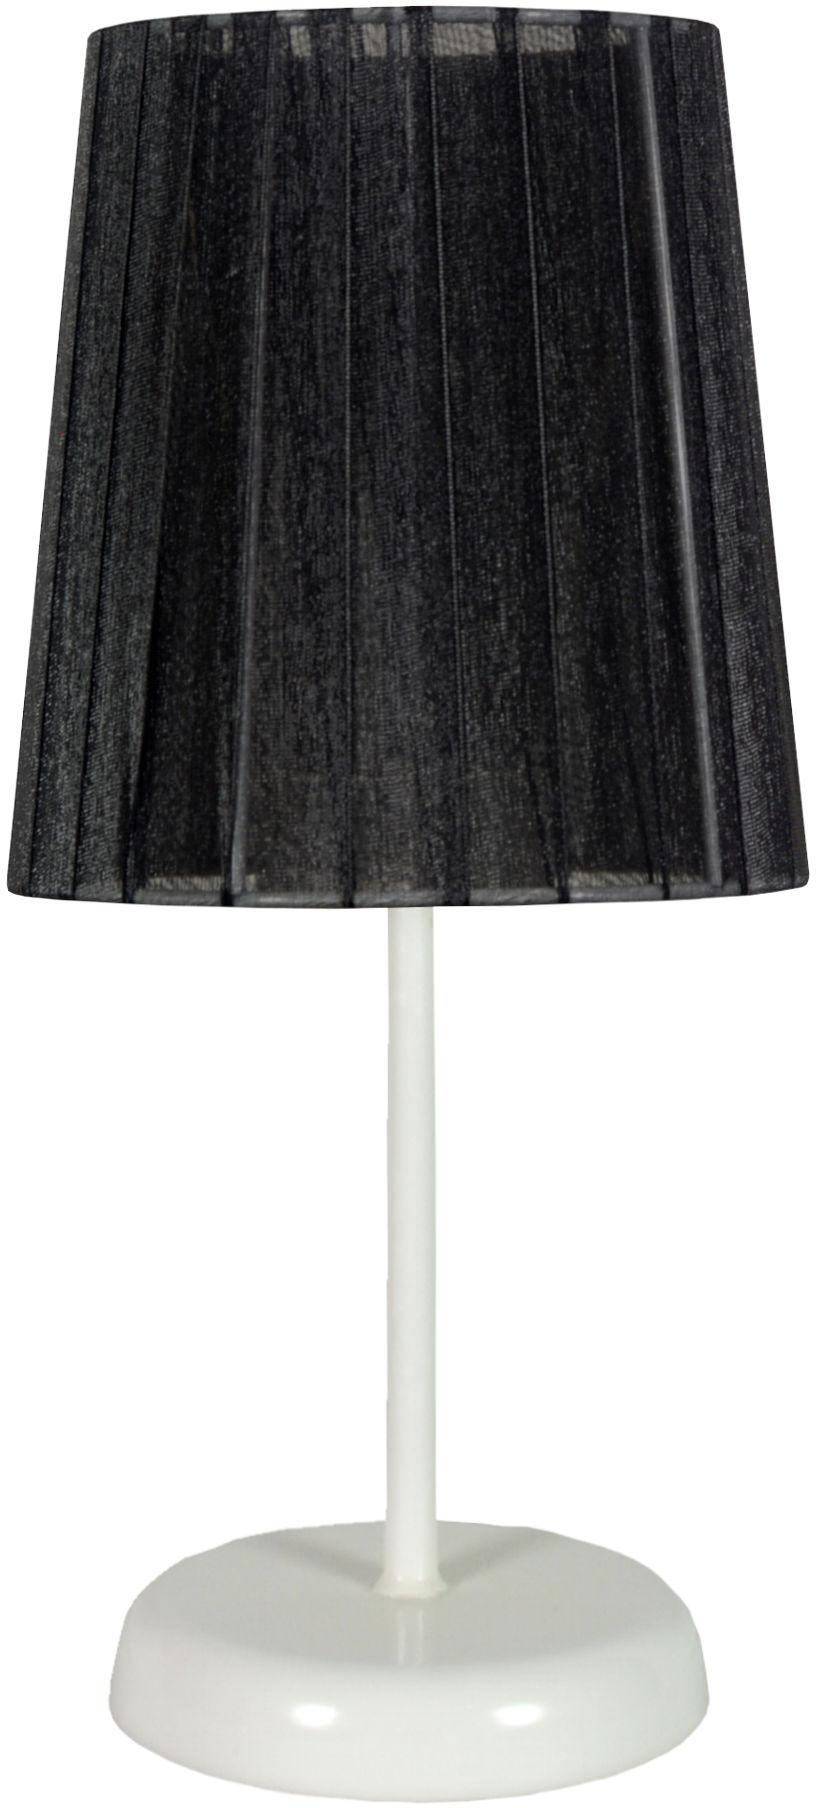 Candellux RIFASA 41-40879 lampa stołowa abażur czarna 1X40W E14 14 cm